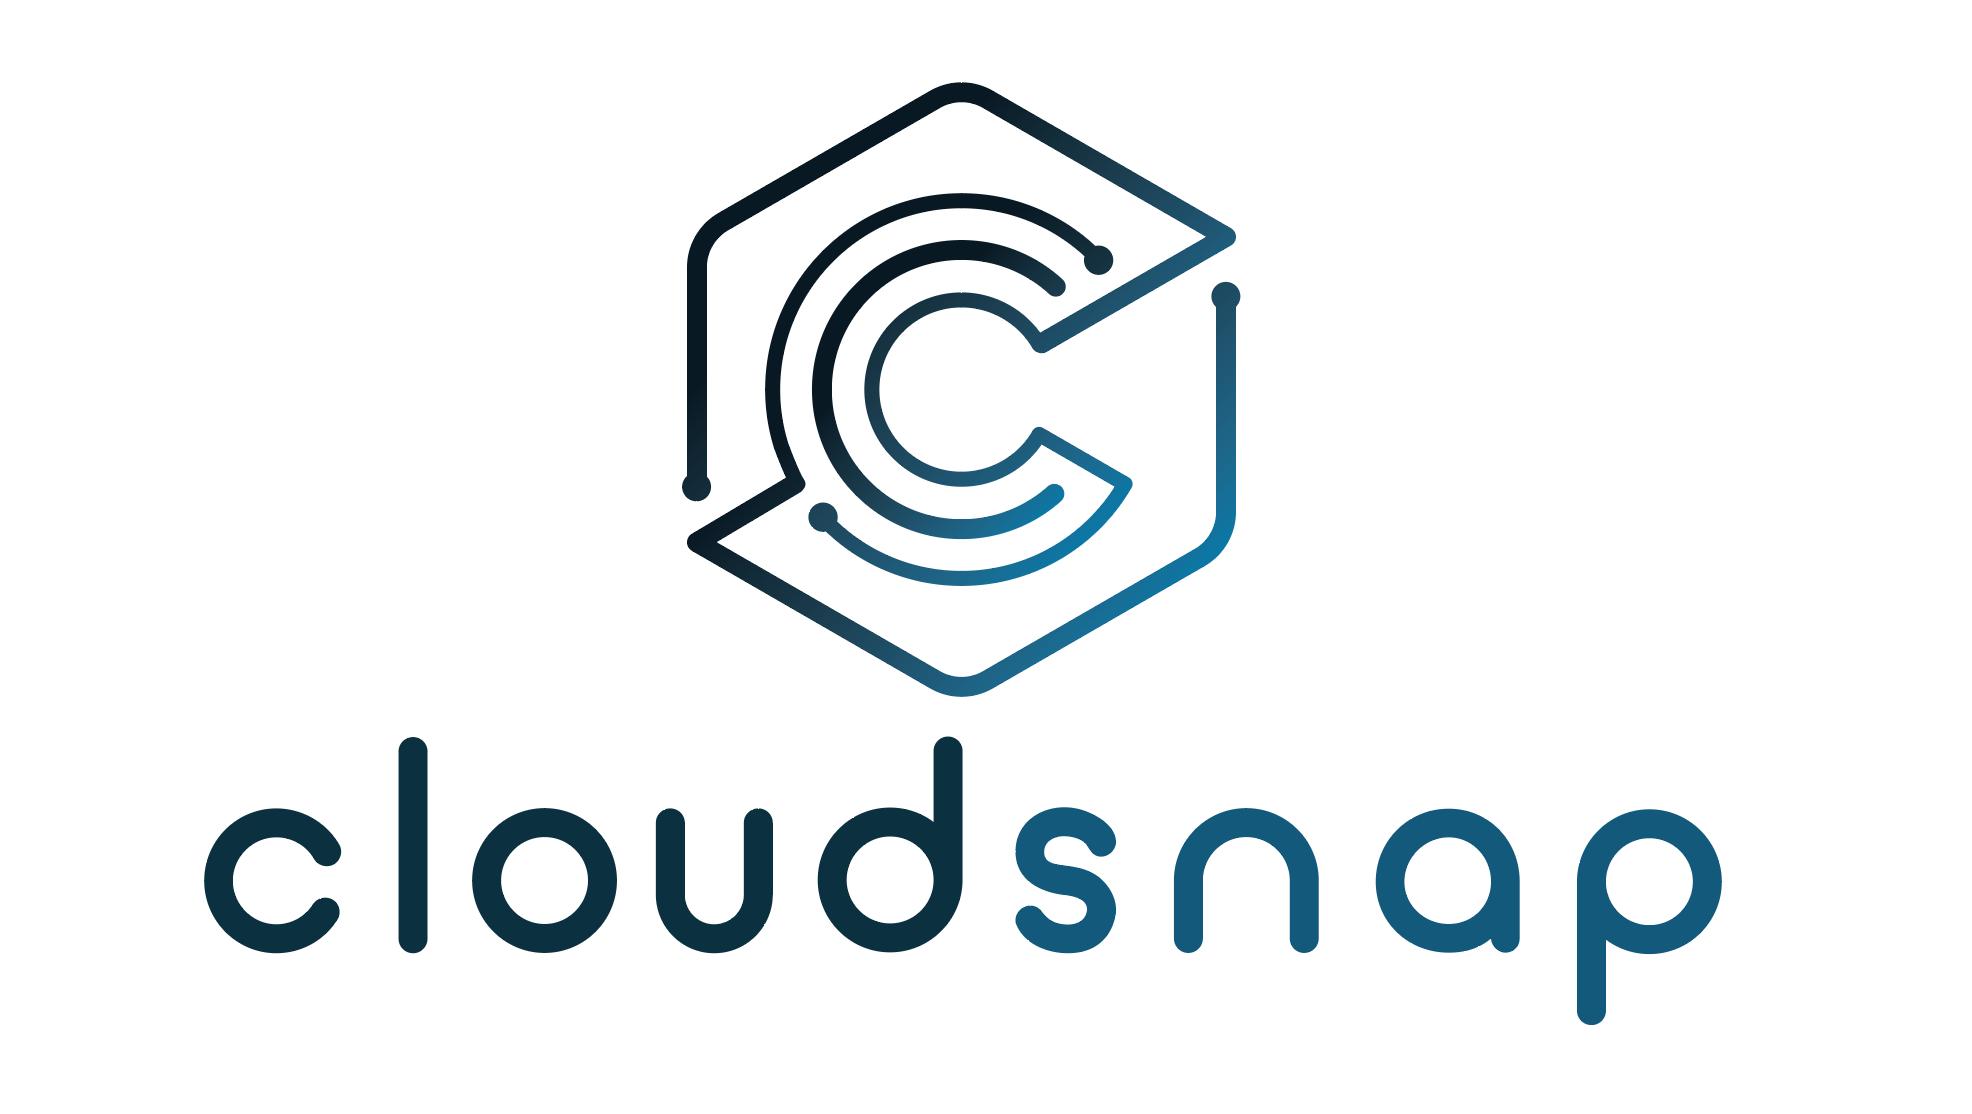 Cloudsnap Logo 1.png